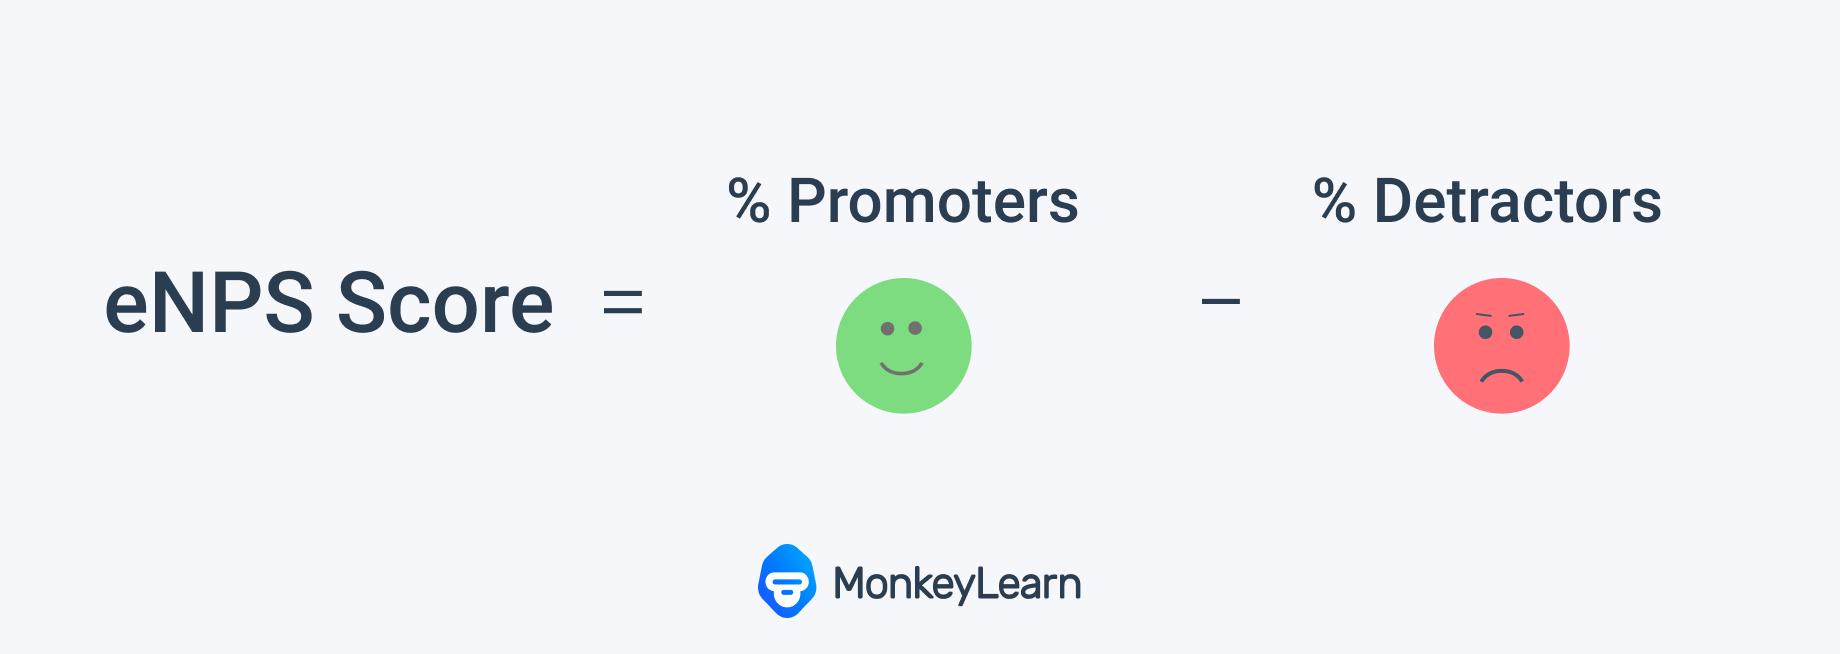 NPS Score = promoters - detractors